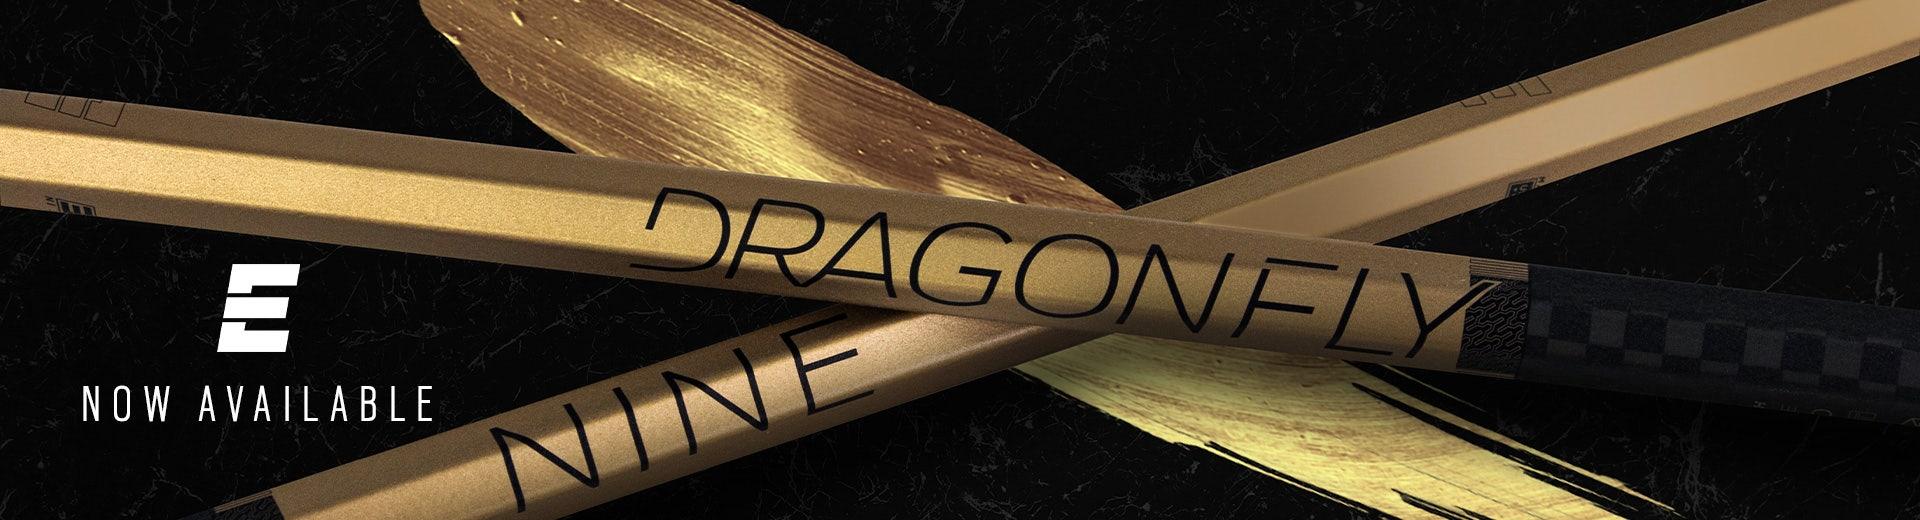 EPOCH Dragonfly 9 - DESKTOP